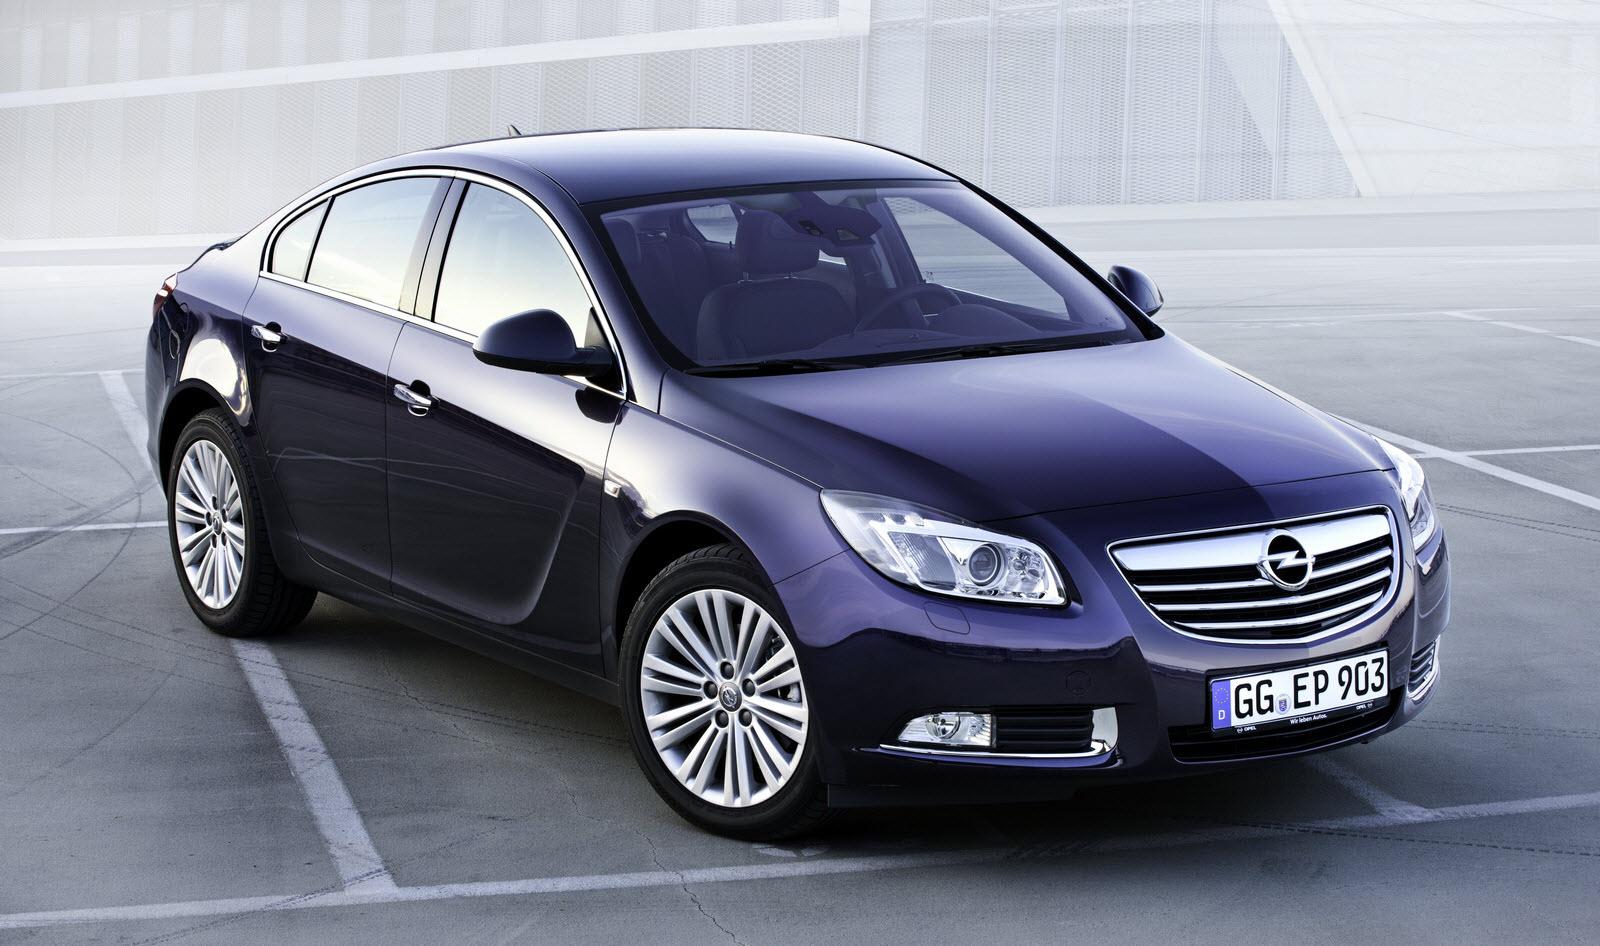 Opel Insignia 2.0 Turbo 4x4 MT